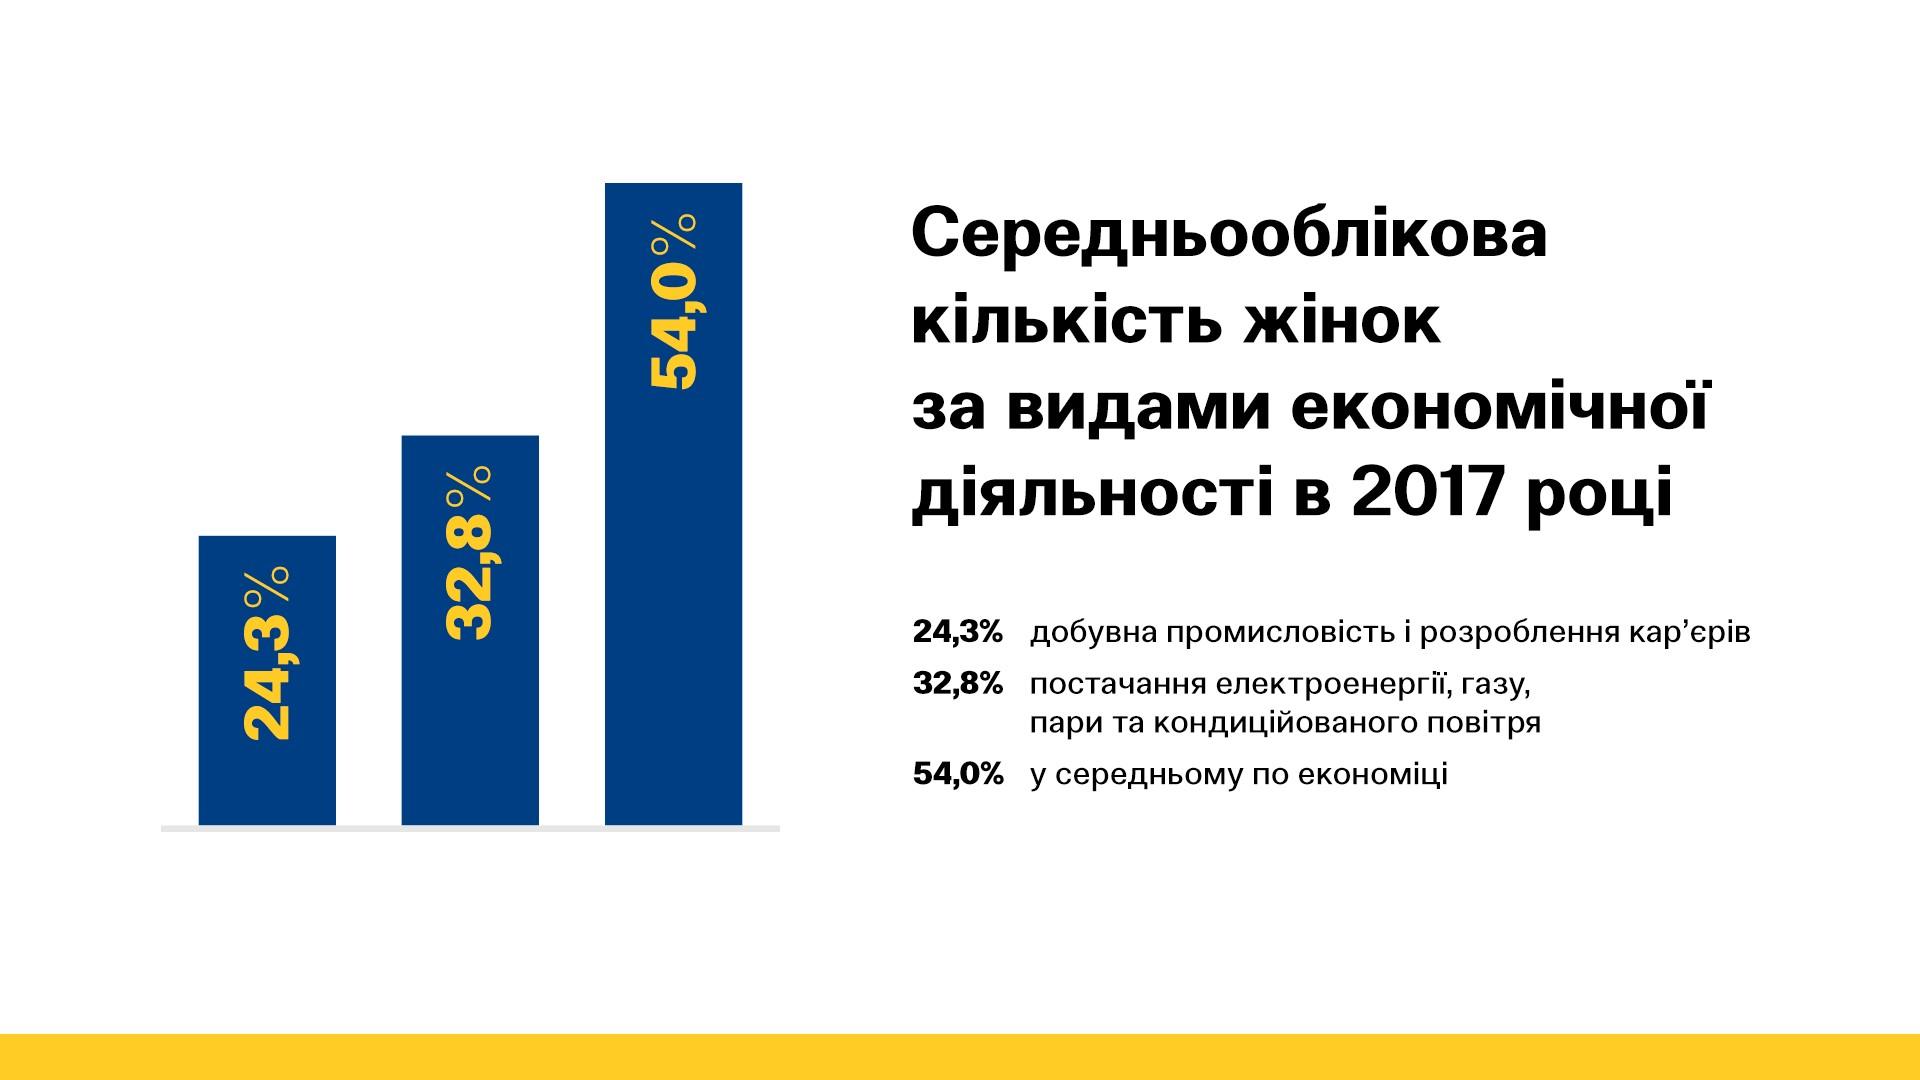 Інфографіка. Середньооблікова кількість жінок-працівників за видами економічної діяльності в 2017 році в Україні